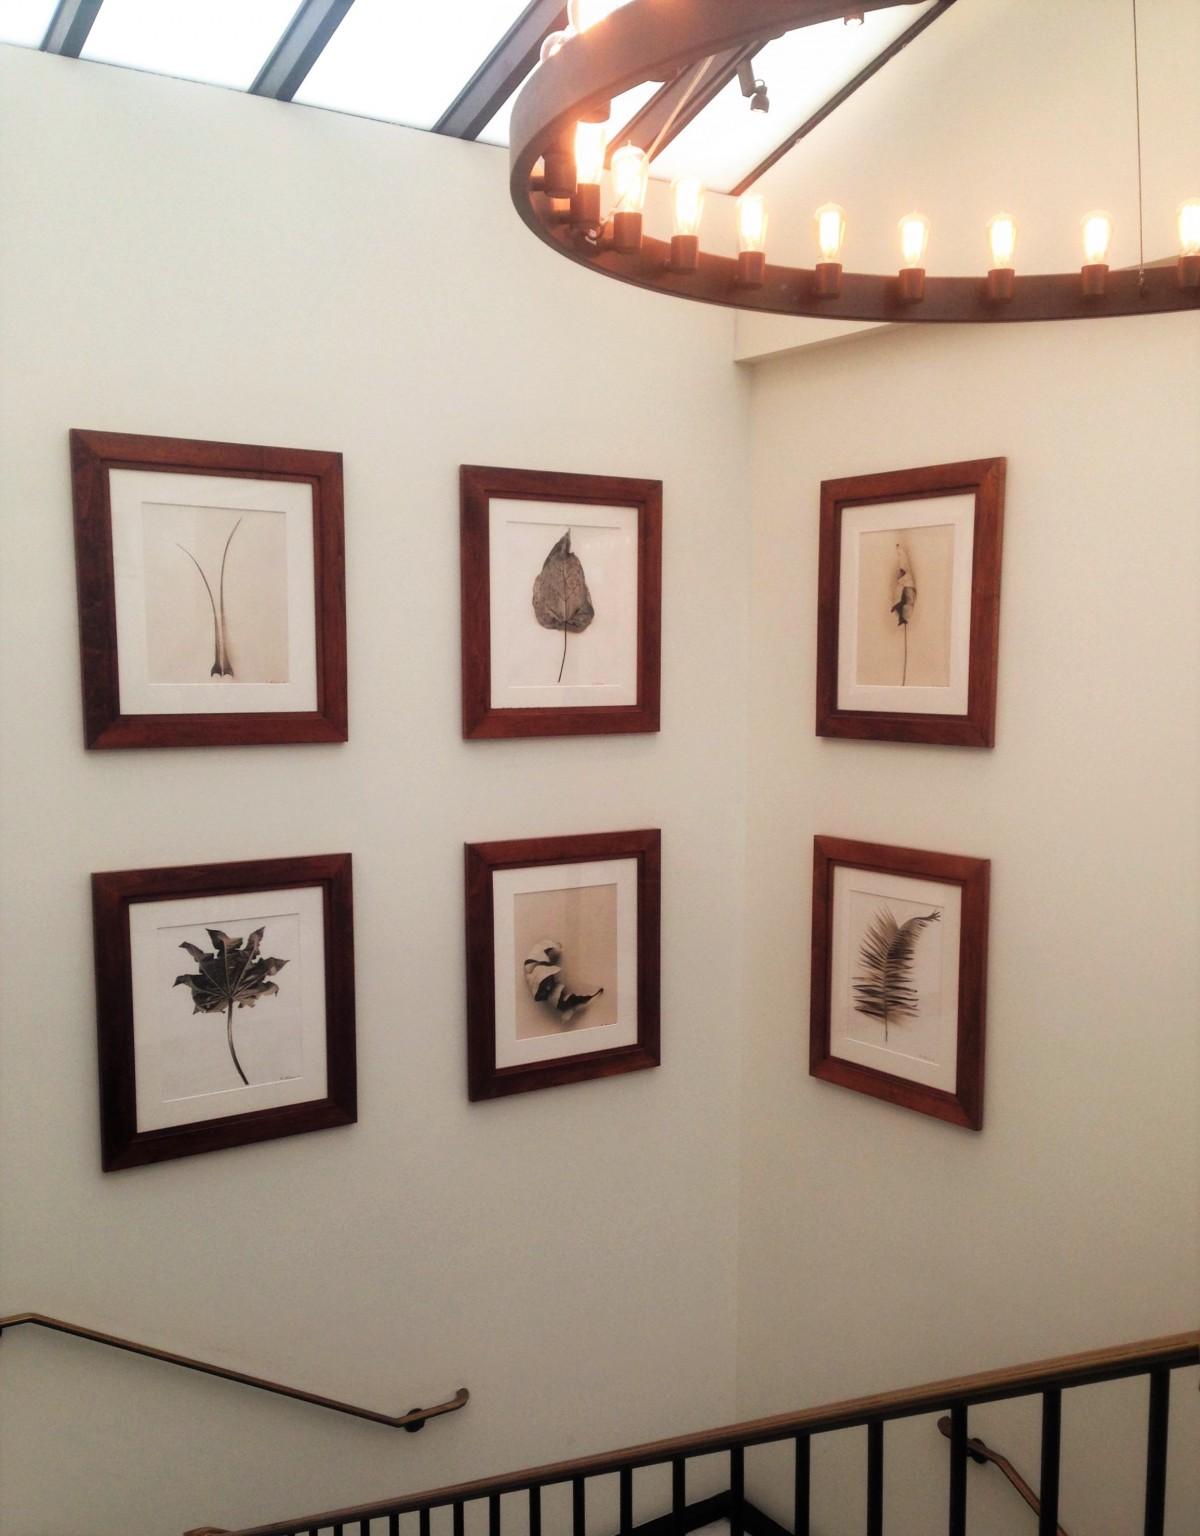 무료 이미지 : 사진 작가, 창문, 벽, 선반, 가구, 인테리어 디자인 ...